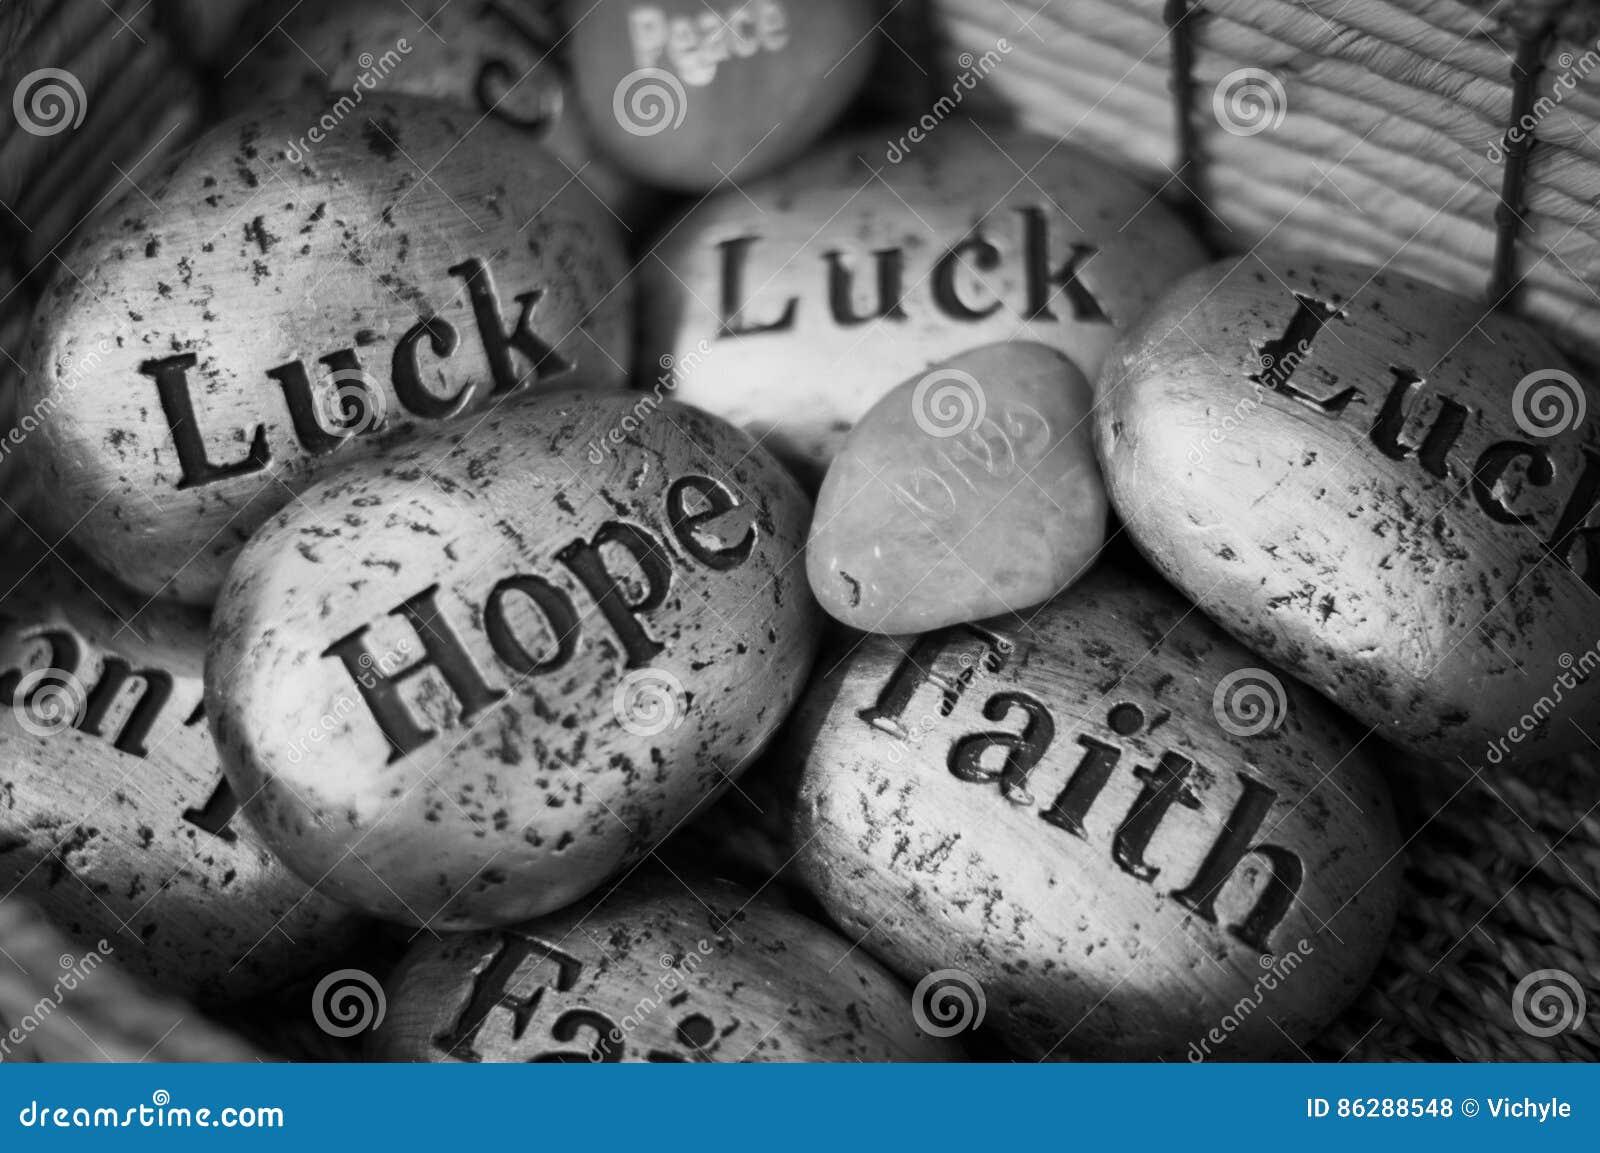 Empiedra al hebreo inglés de la fe de la suerte de la esperanza de la paz de los recuerdos